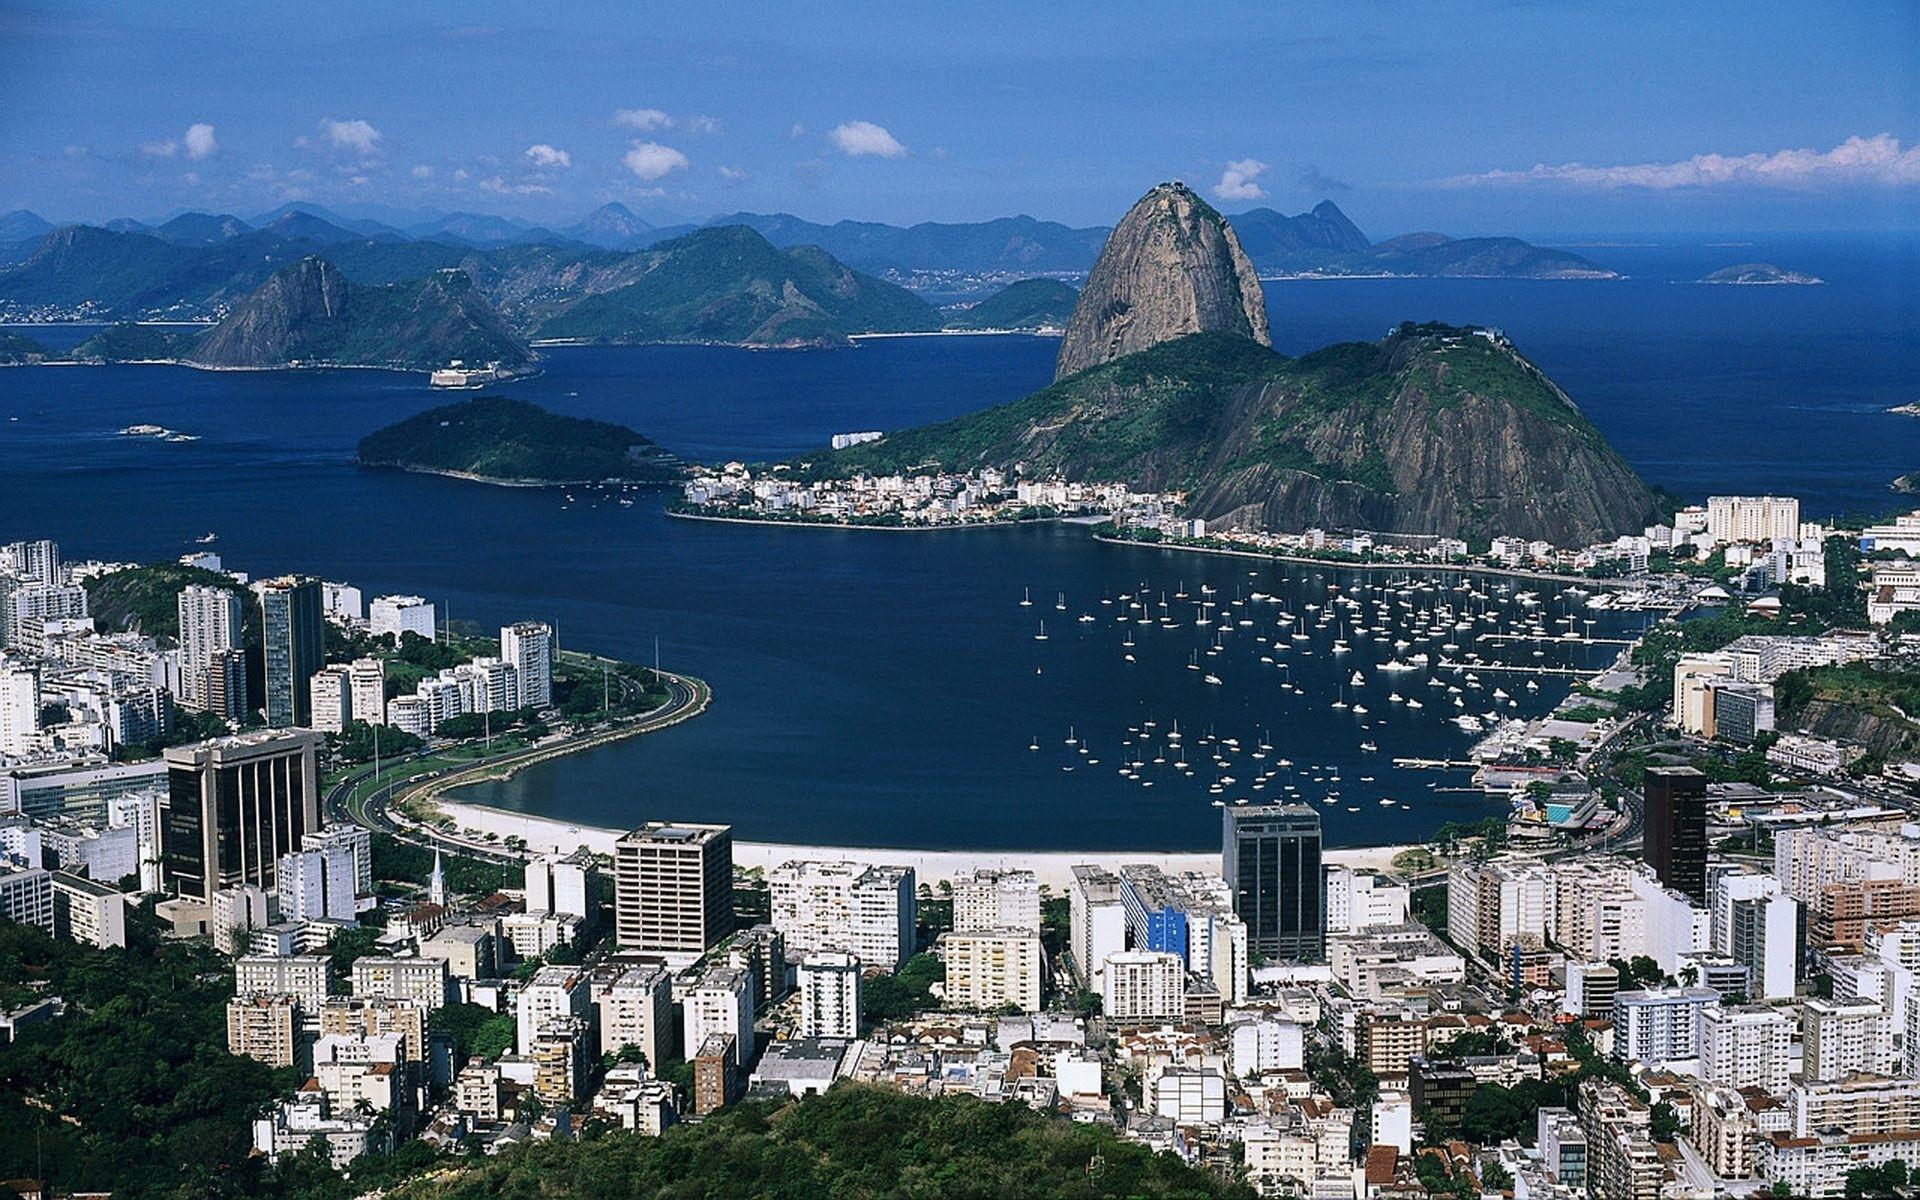 26944 免費下載壁紙 景观, 城市, 山, 海 屏保和圖片